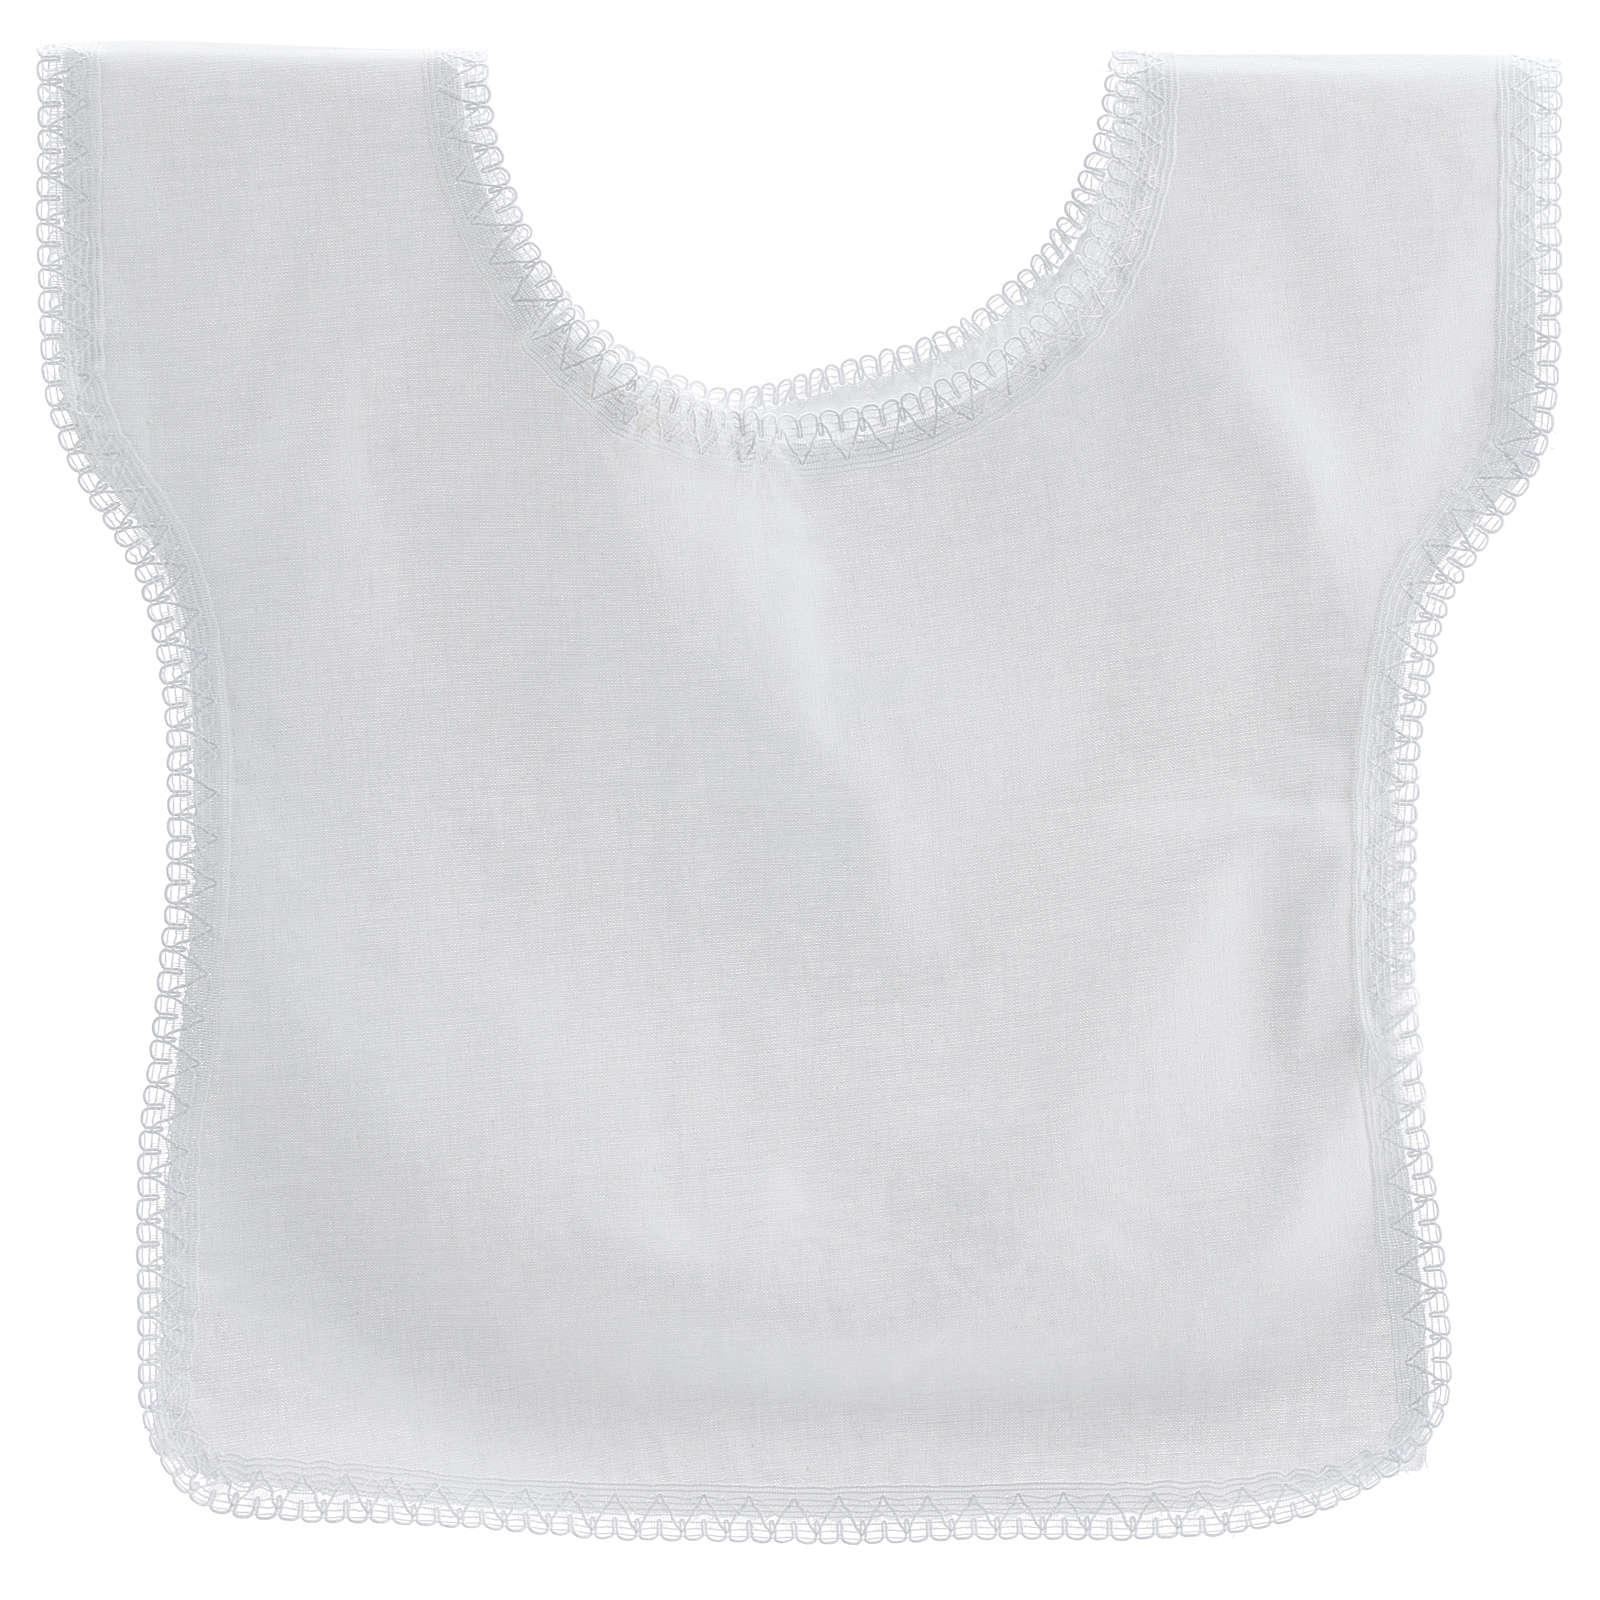 Trajecito bautismo con paloma 100% algodón 4